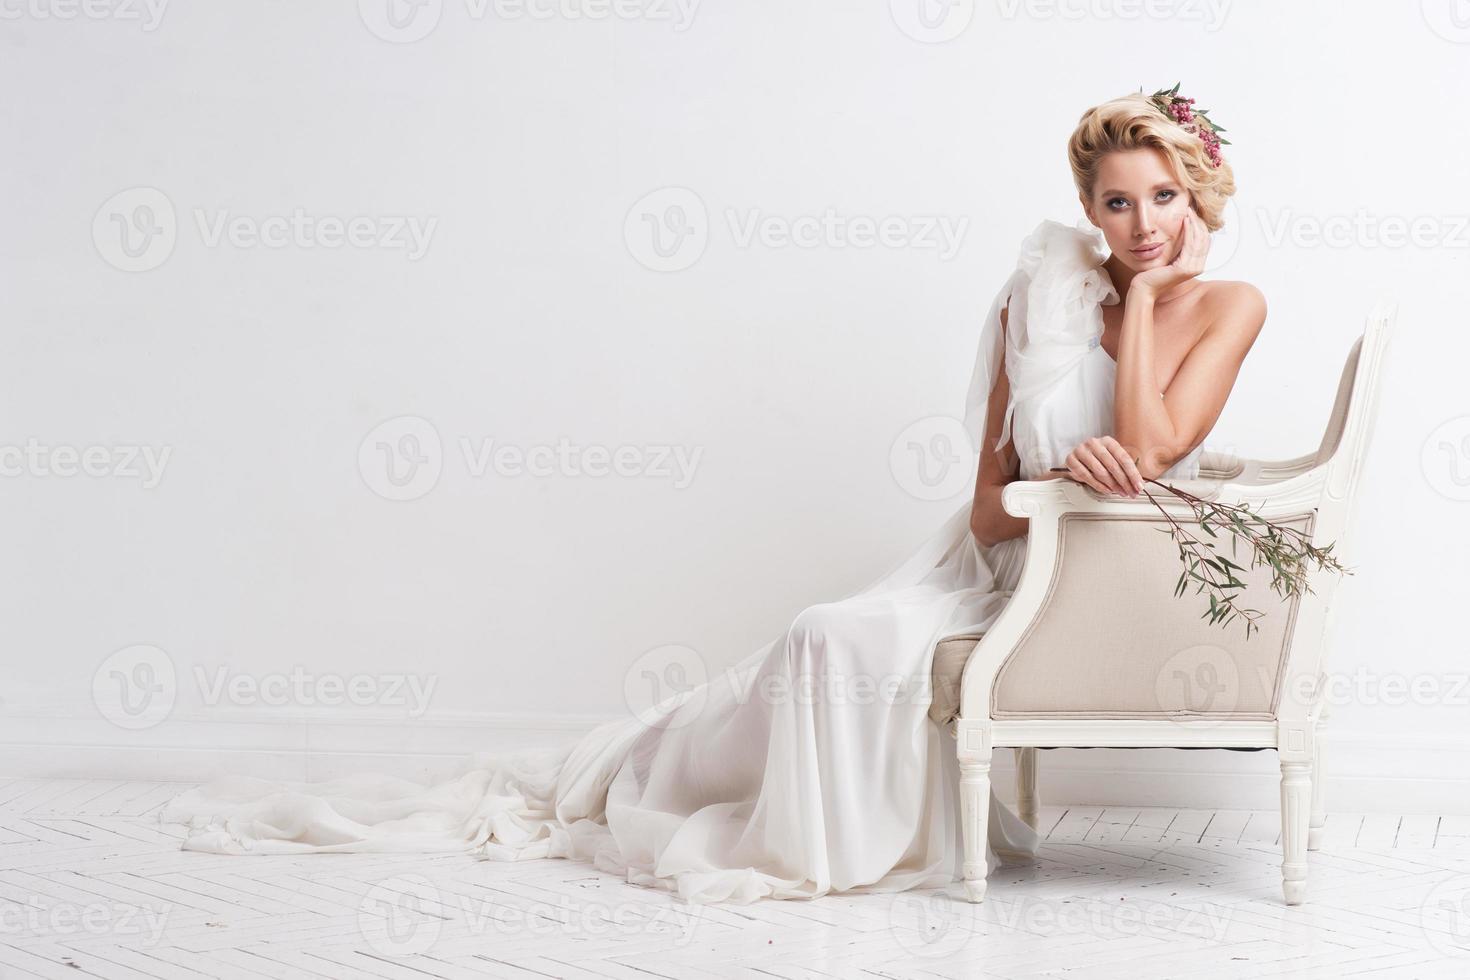 ritratto di bella sposa. vestito da sposa. decorazione di nozze foto